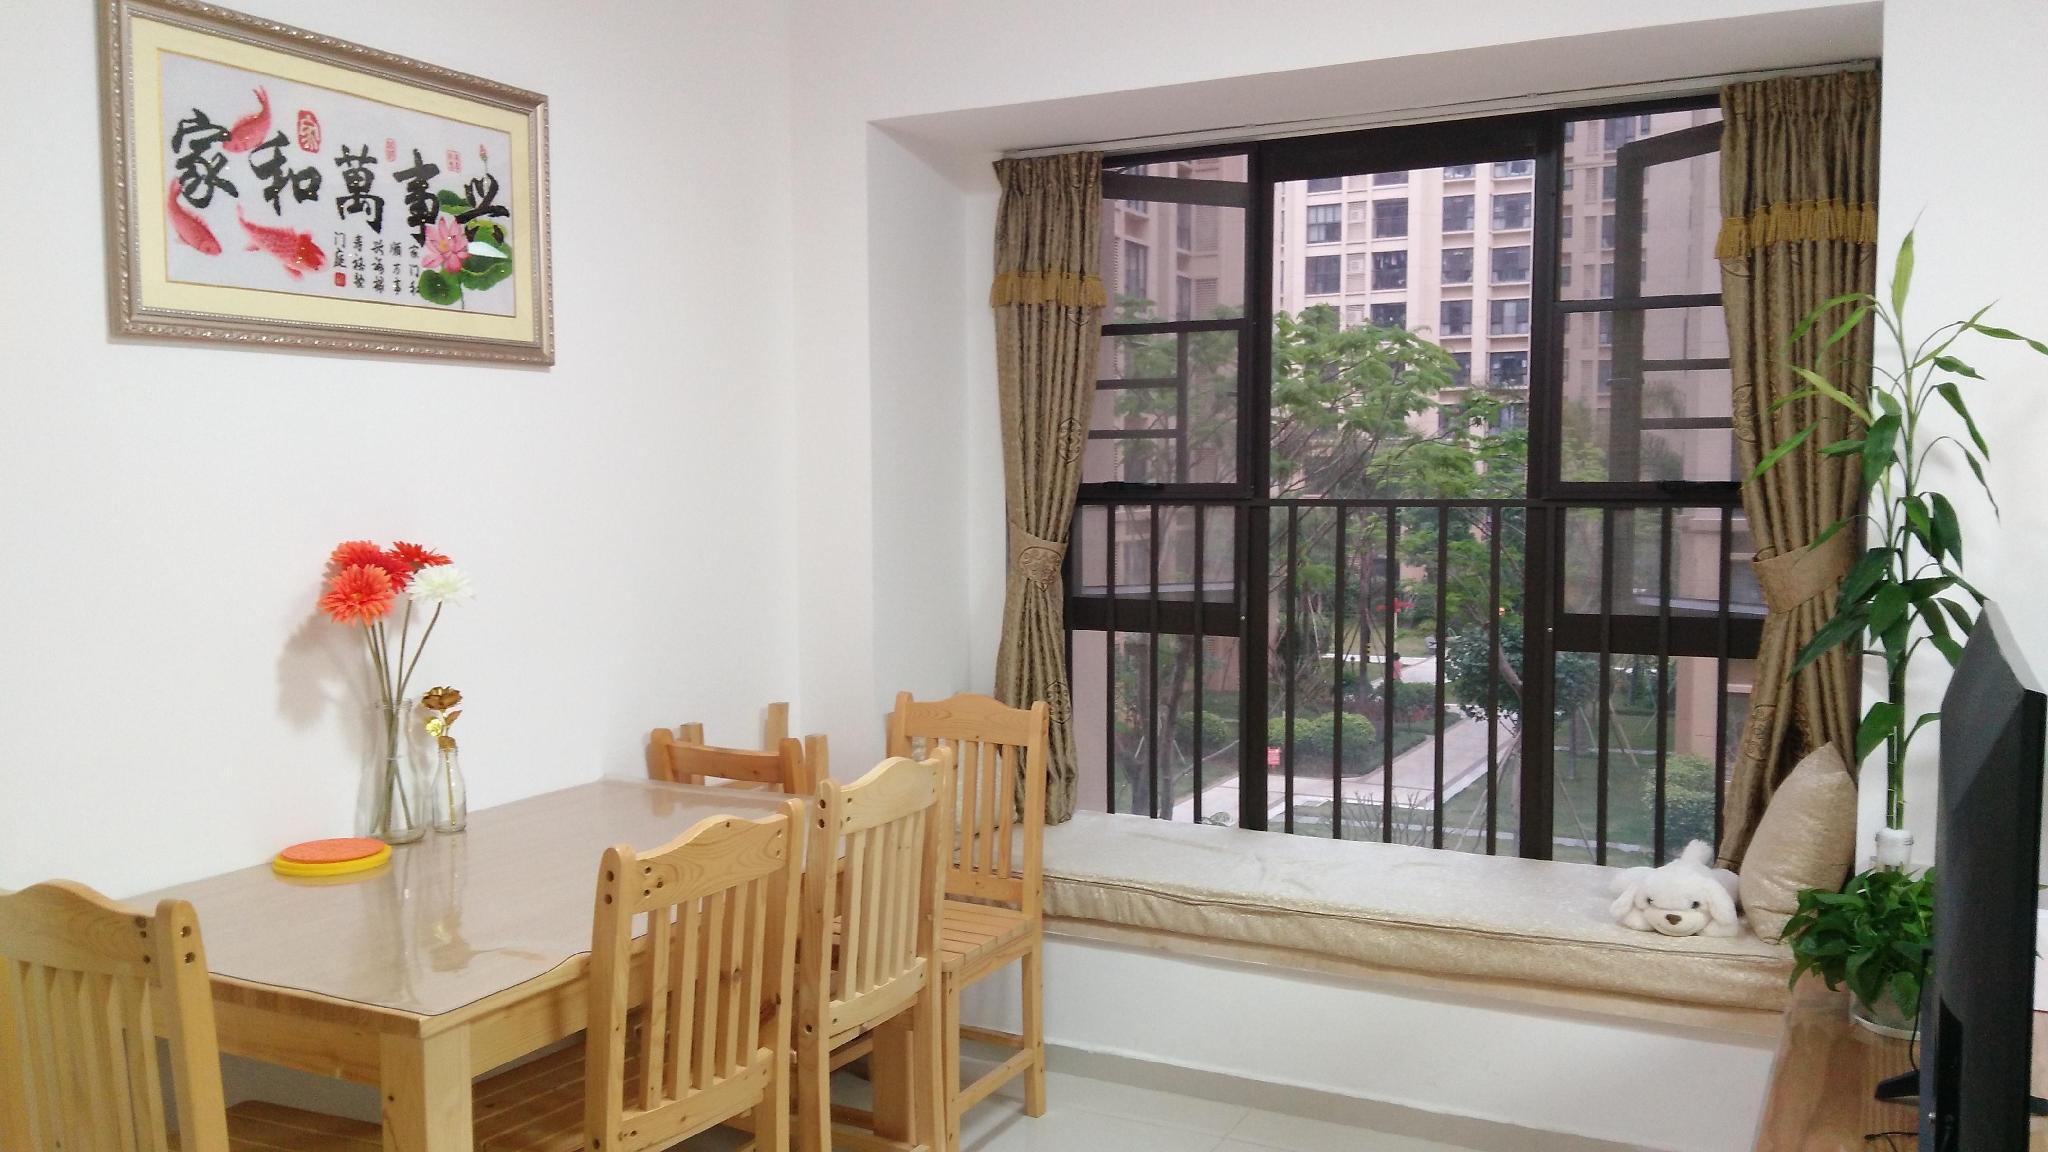 3 Rooms Apartment Near Guangzhou Baiyun Airport